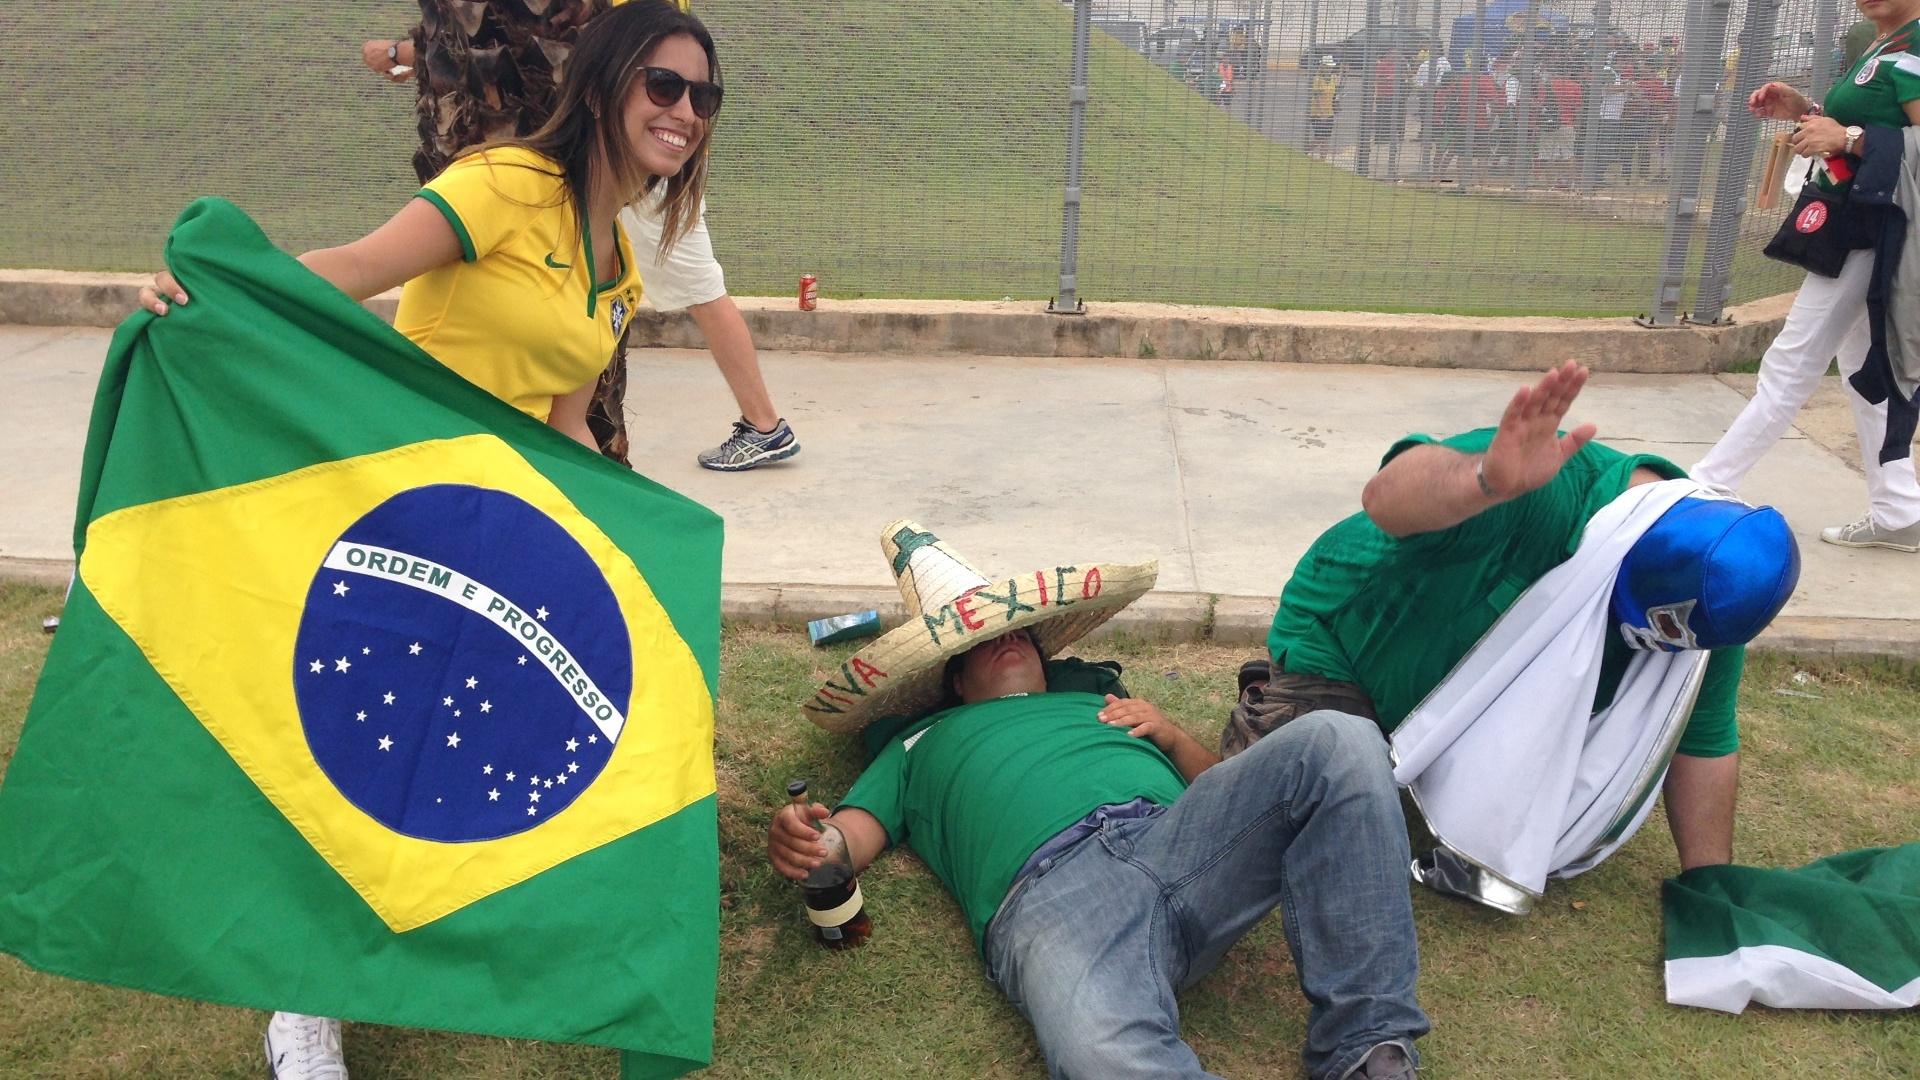 Torcedor mexicano Alberto Audifrey apaga com garrafa de rum nas imediações do Castelão, com brasileiros aproveitando para tirar foto